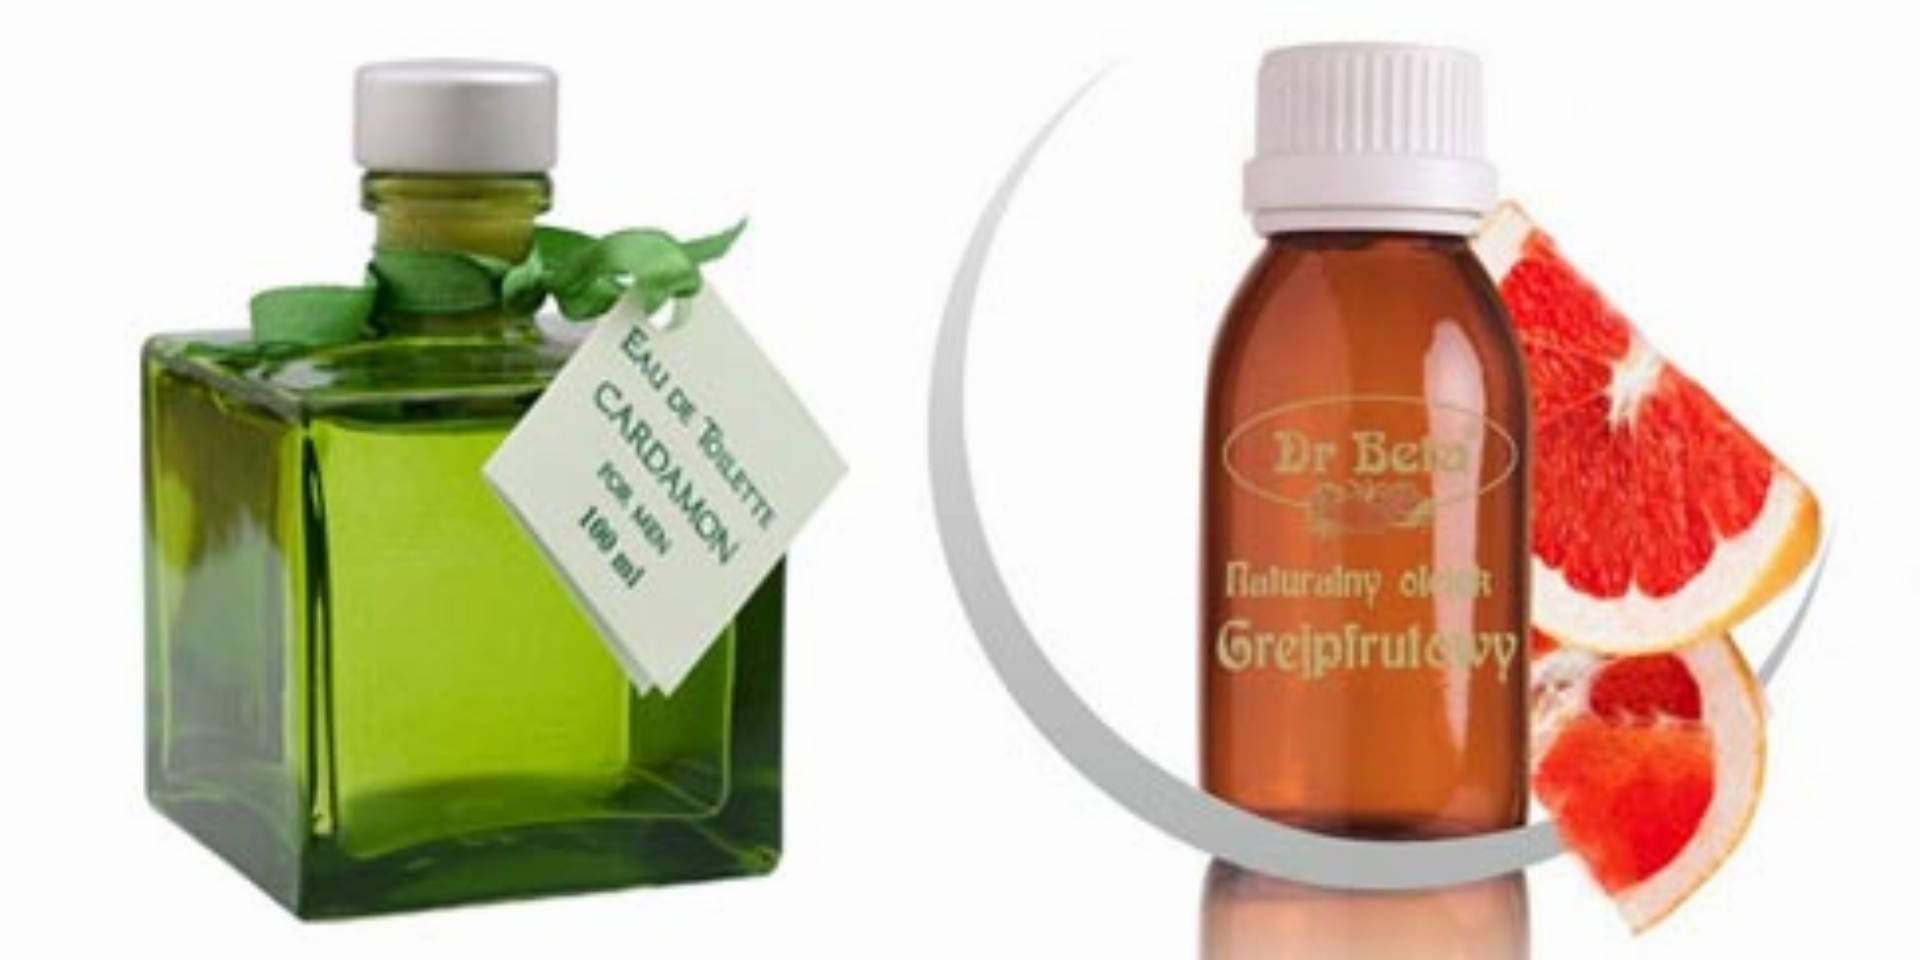 Samodzielne przygotowywanie kosmetykow i perfum